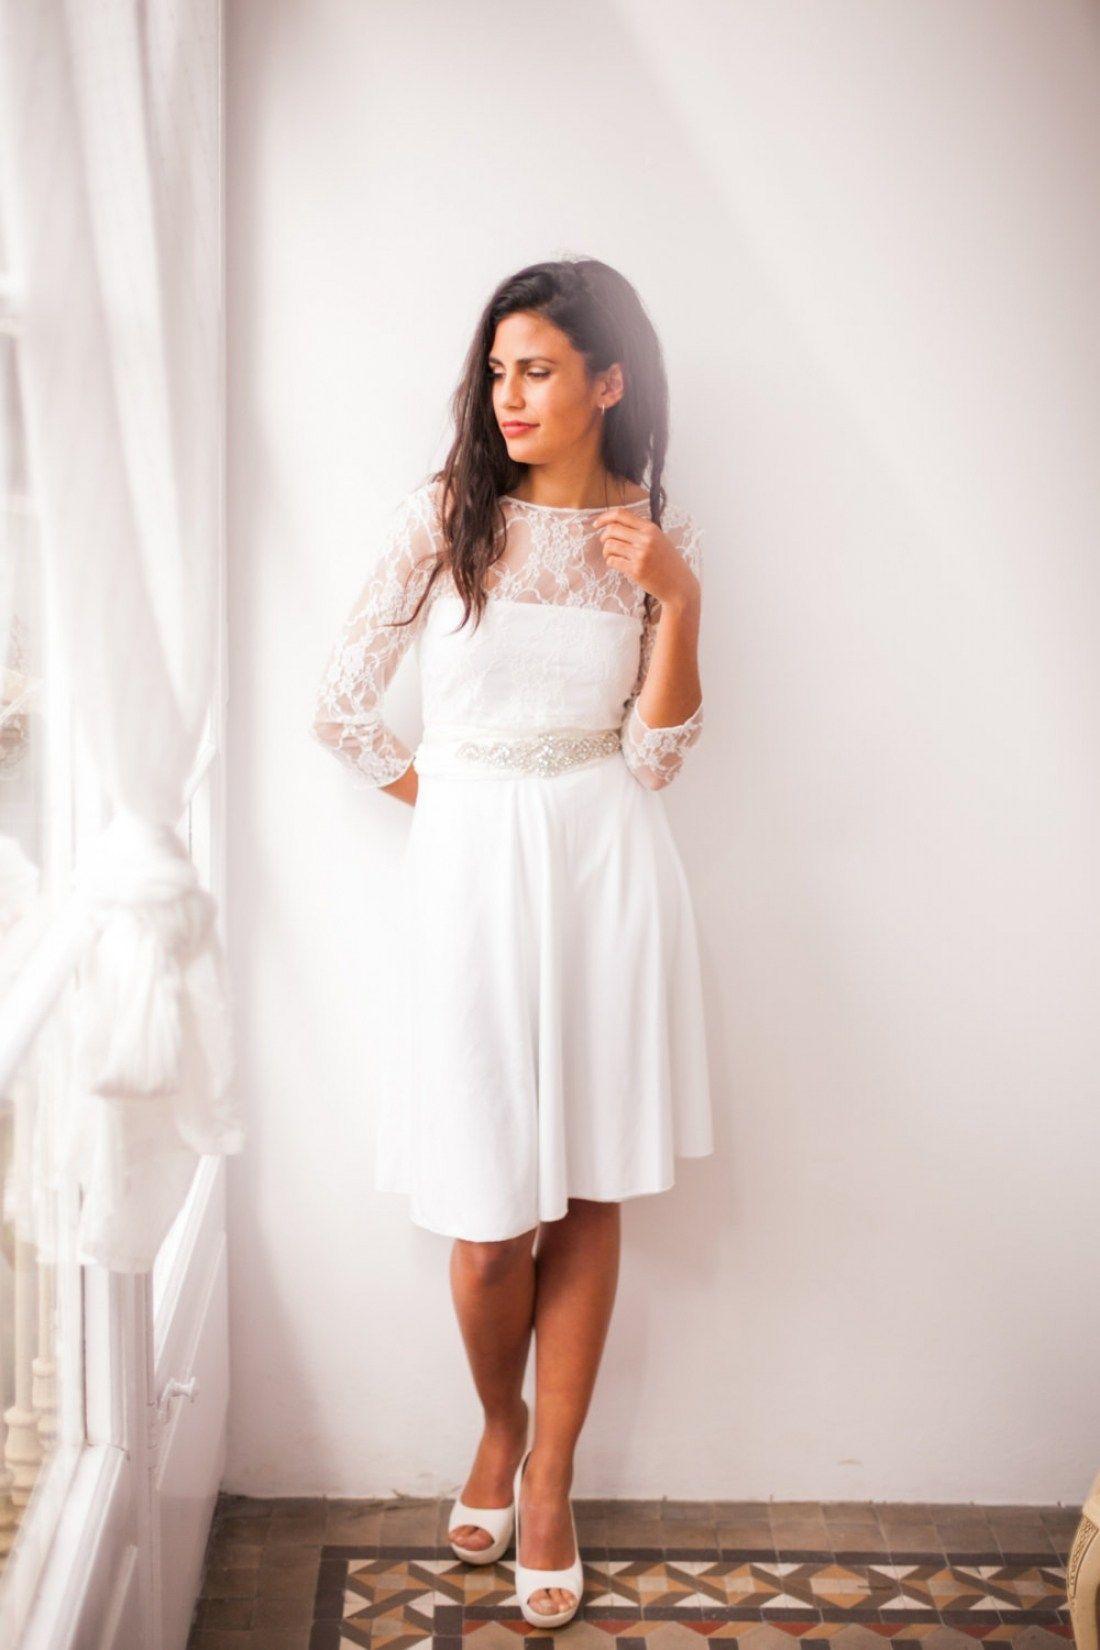 Short white dresses for wedding reception   Amazing Short White Dresses For Wedding Reception  Short white